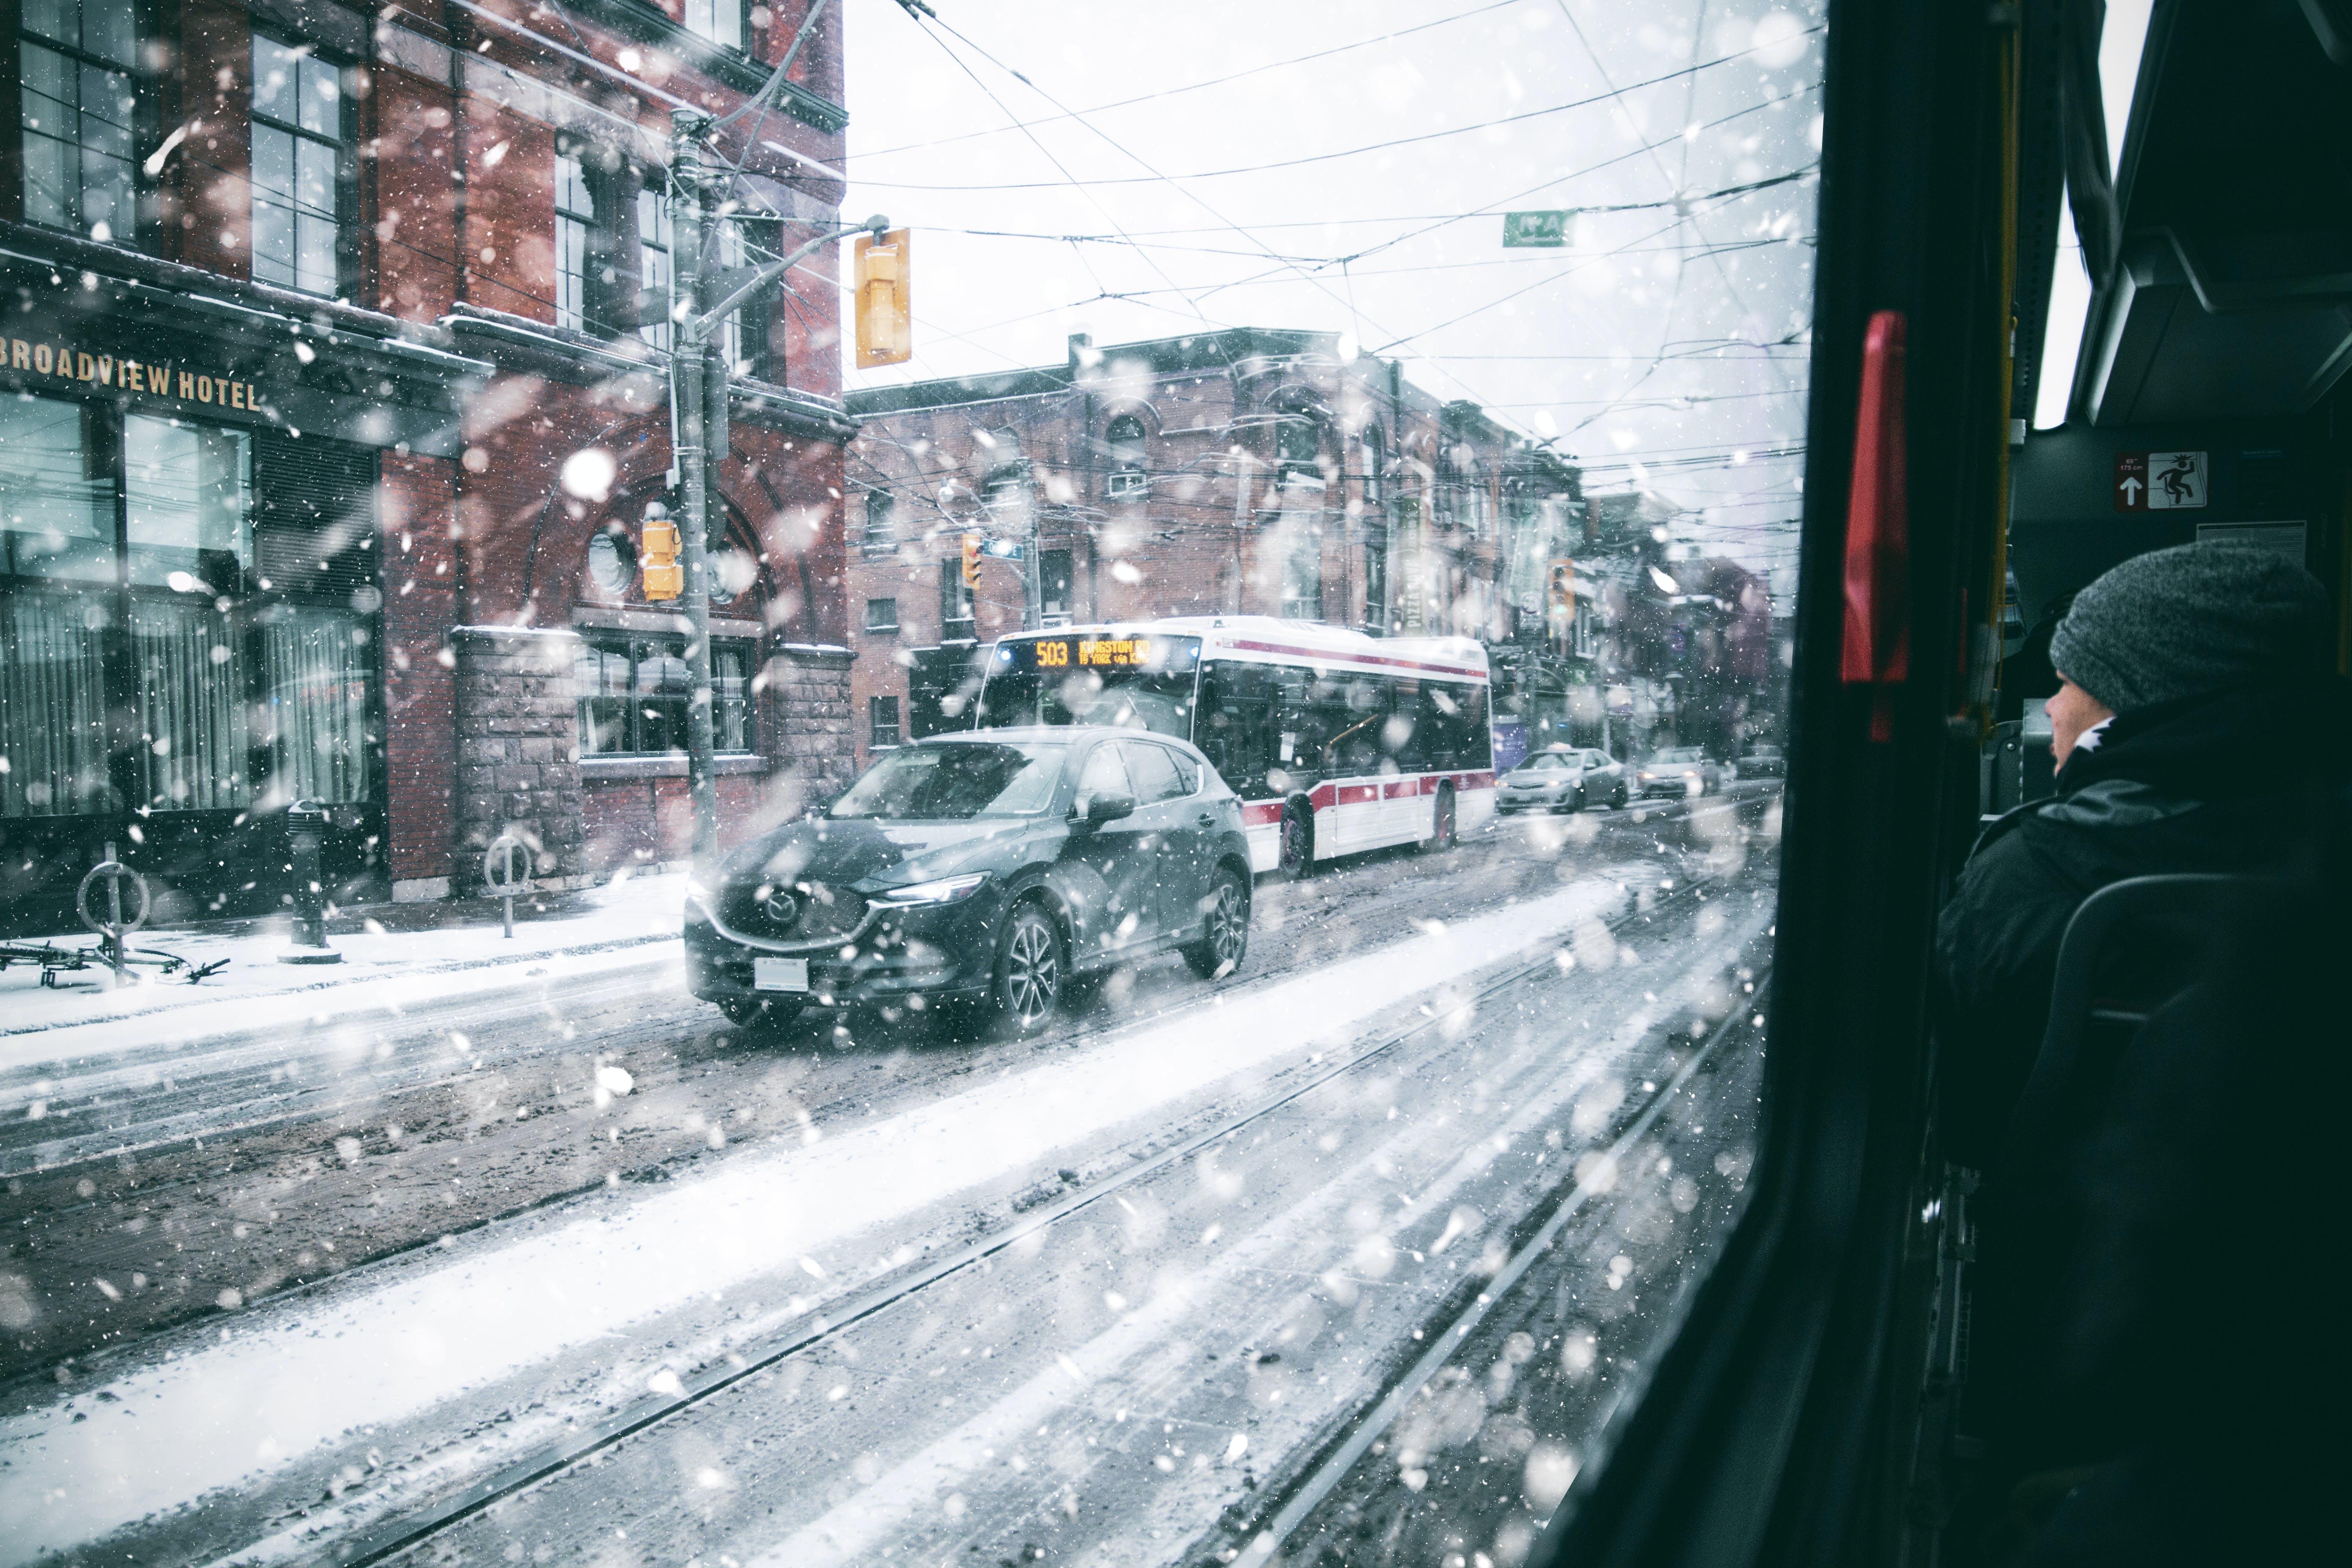 ttc, ウィンドウビュー, カナダ, コートの無料の写真素材